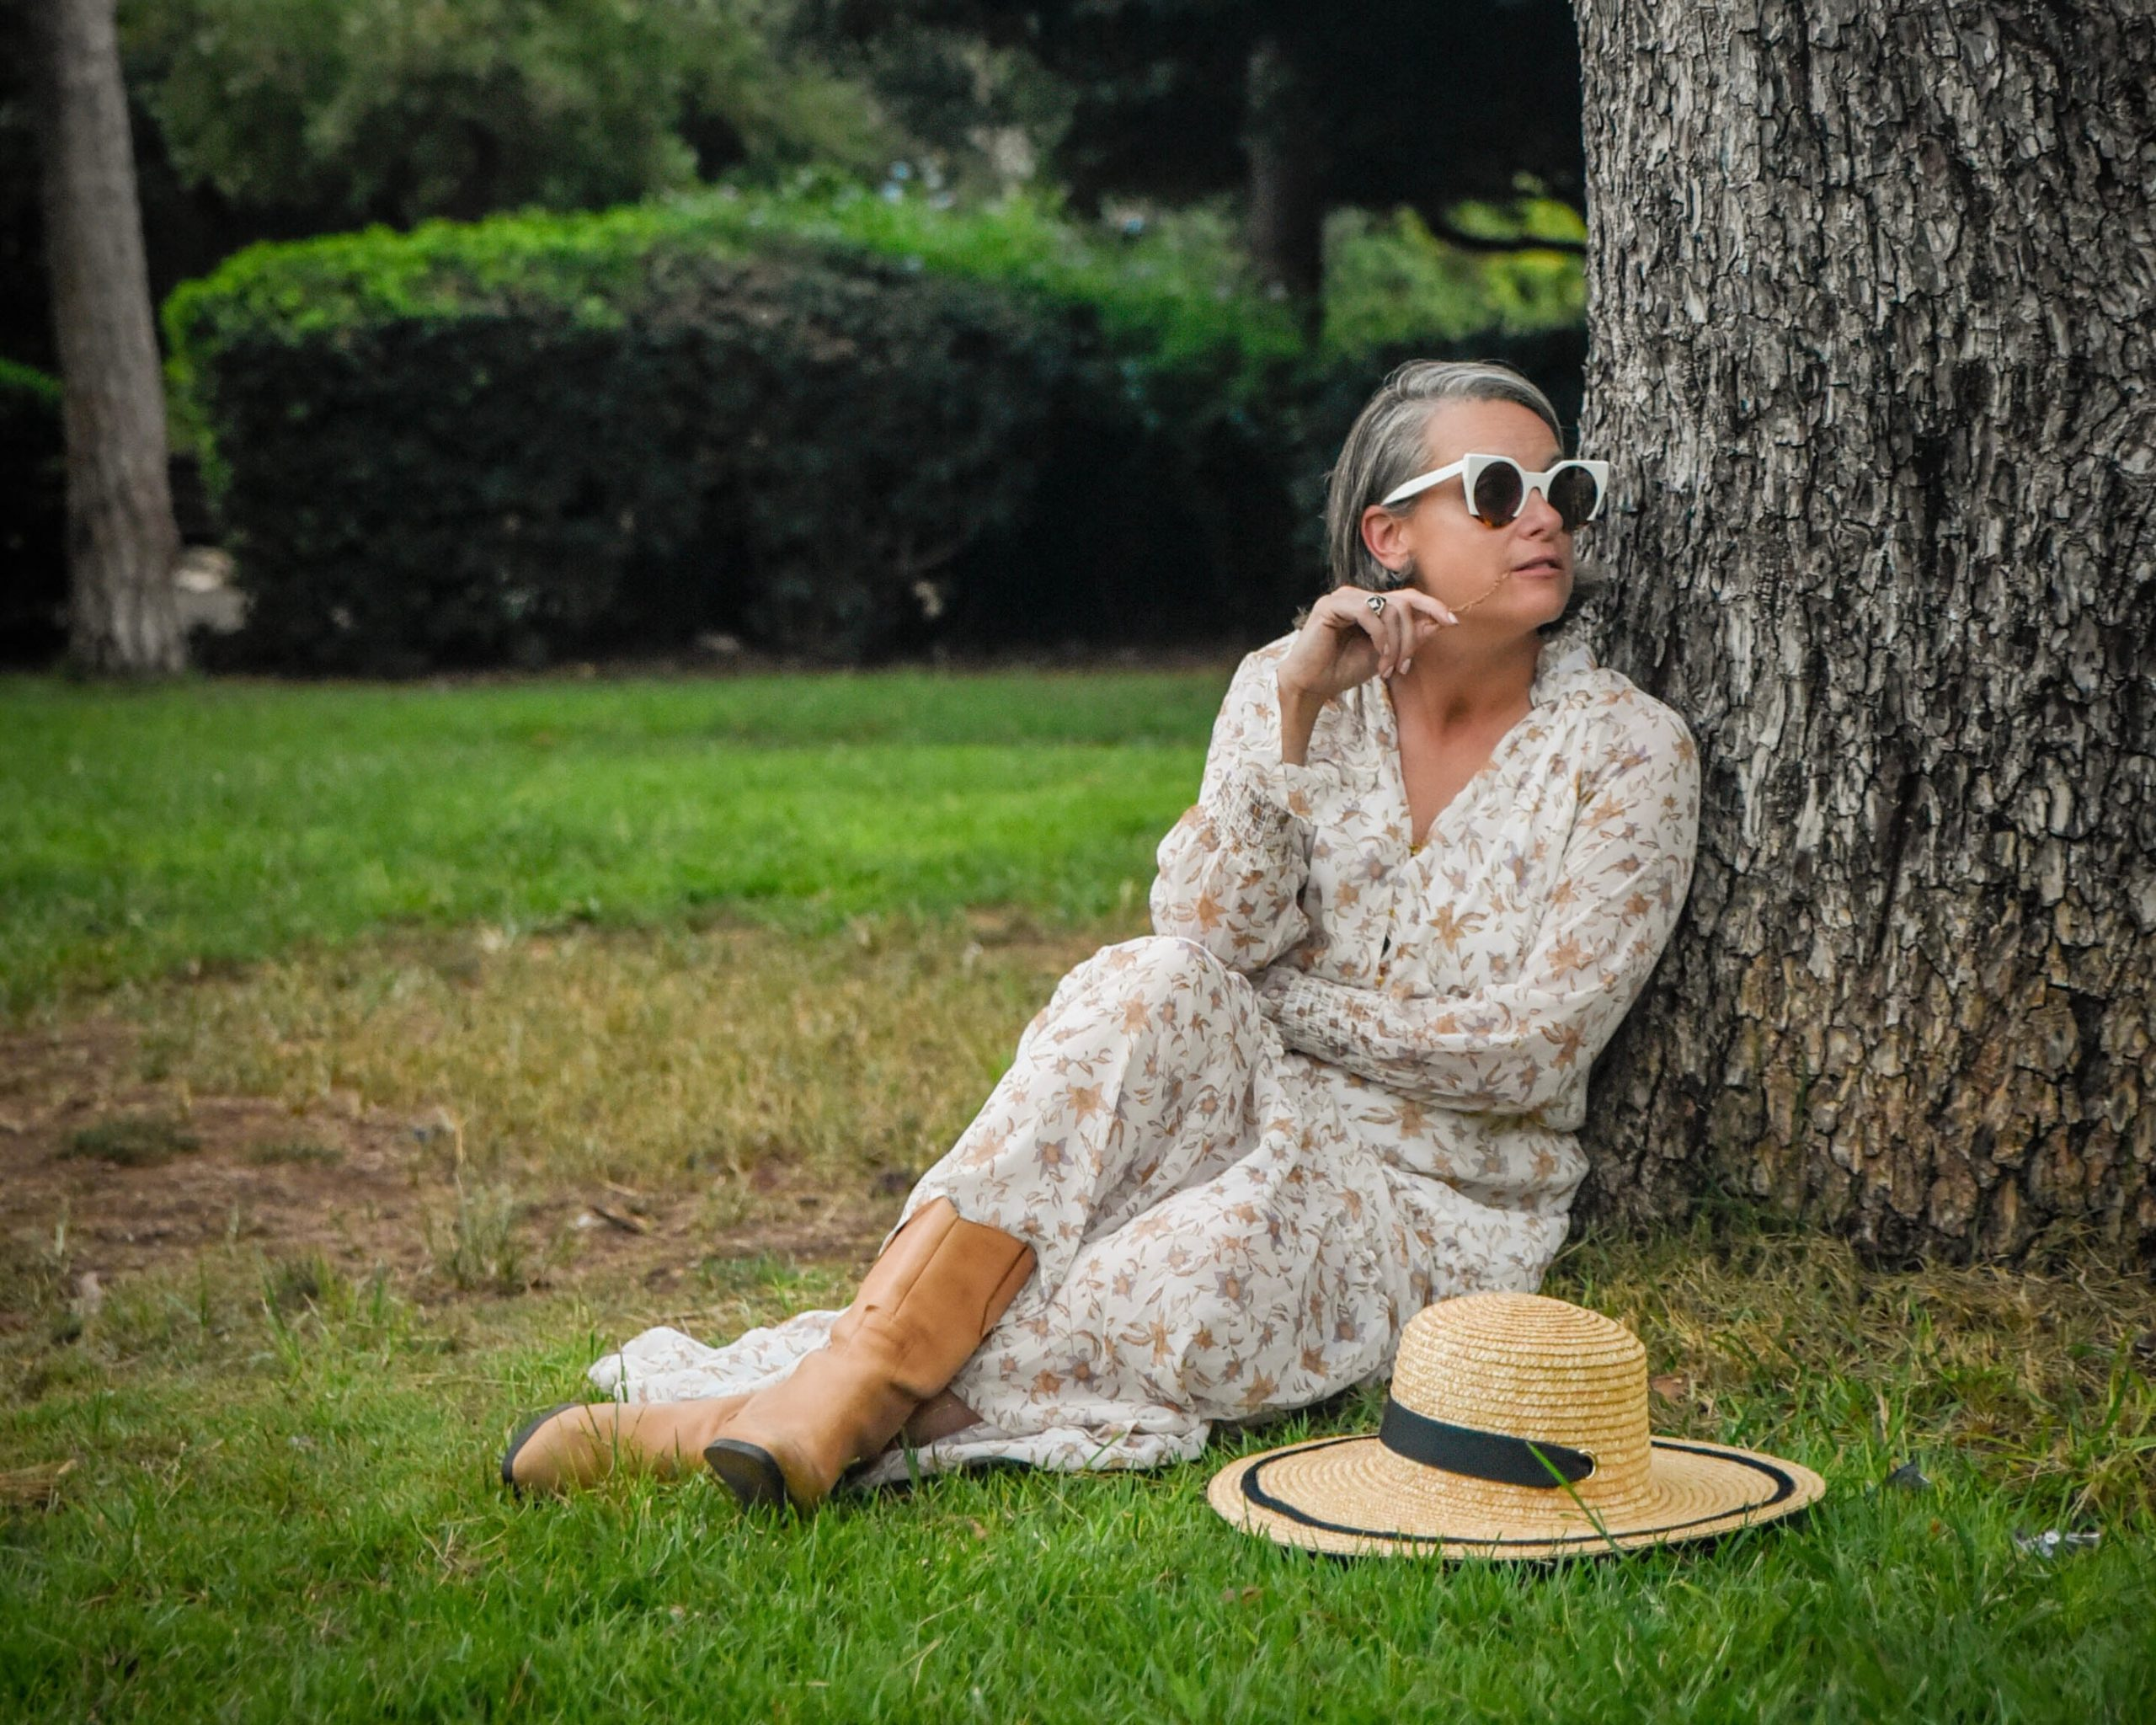 גן מניה שוחט שמלת מקסי פרחונית גולף שירי ויצנר בלוג חיפאית8